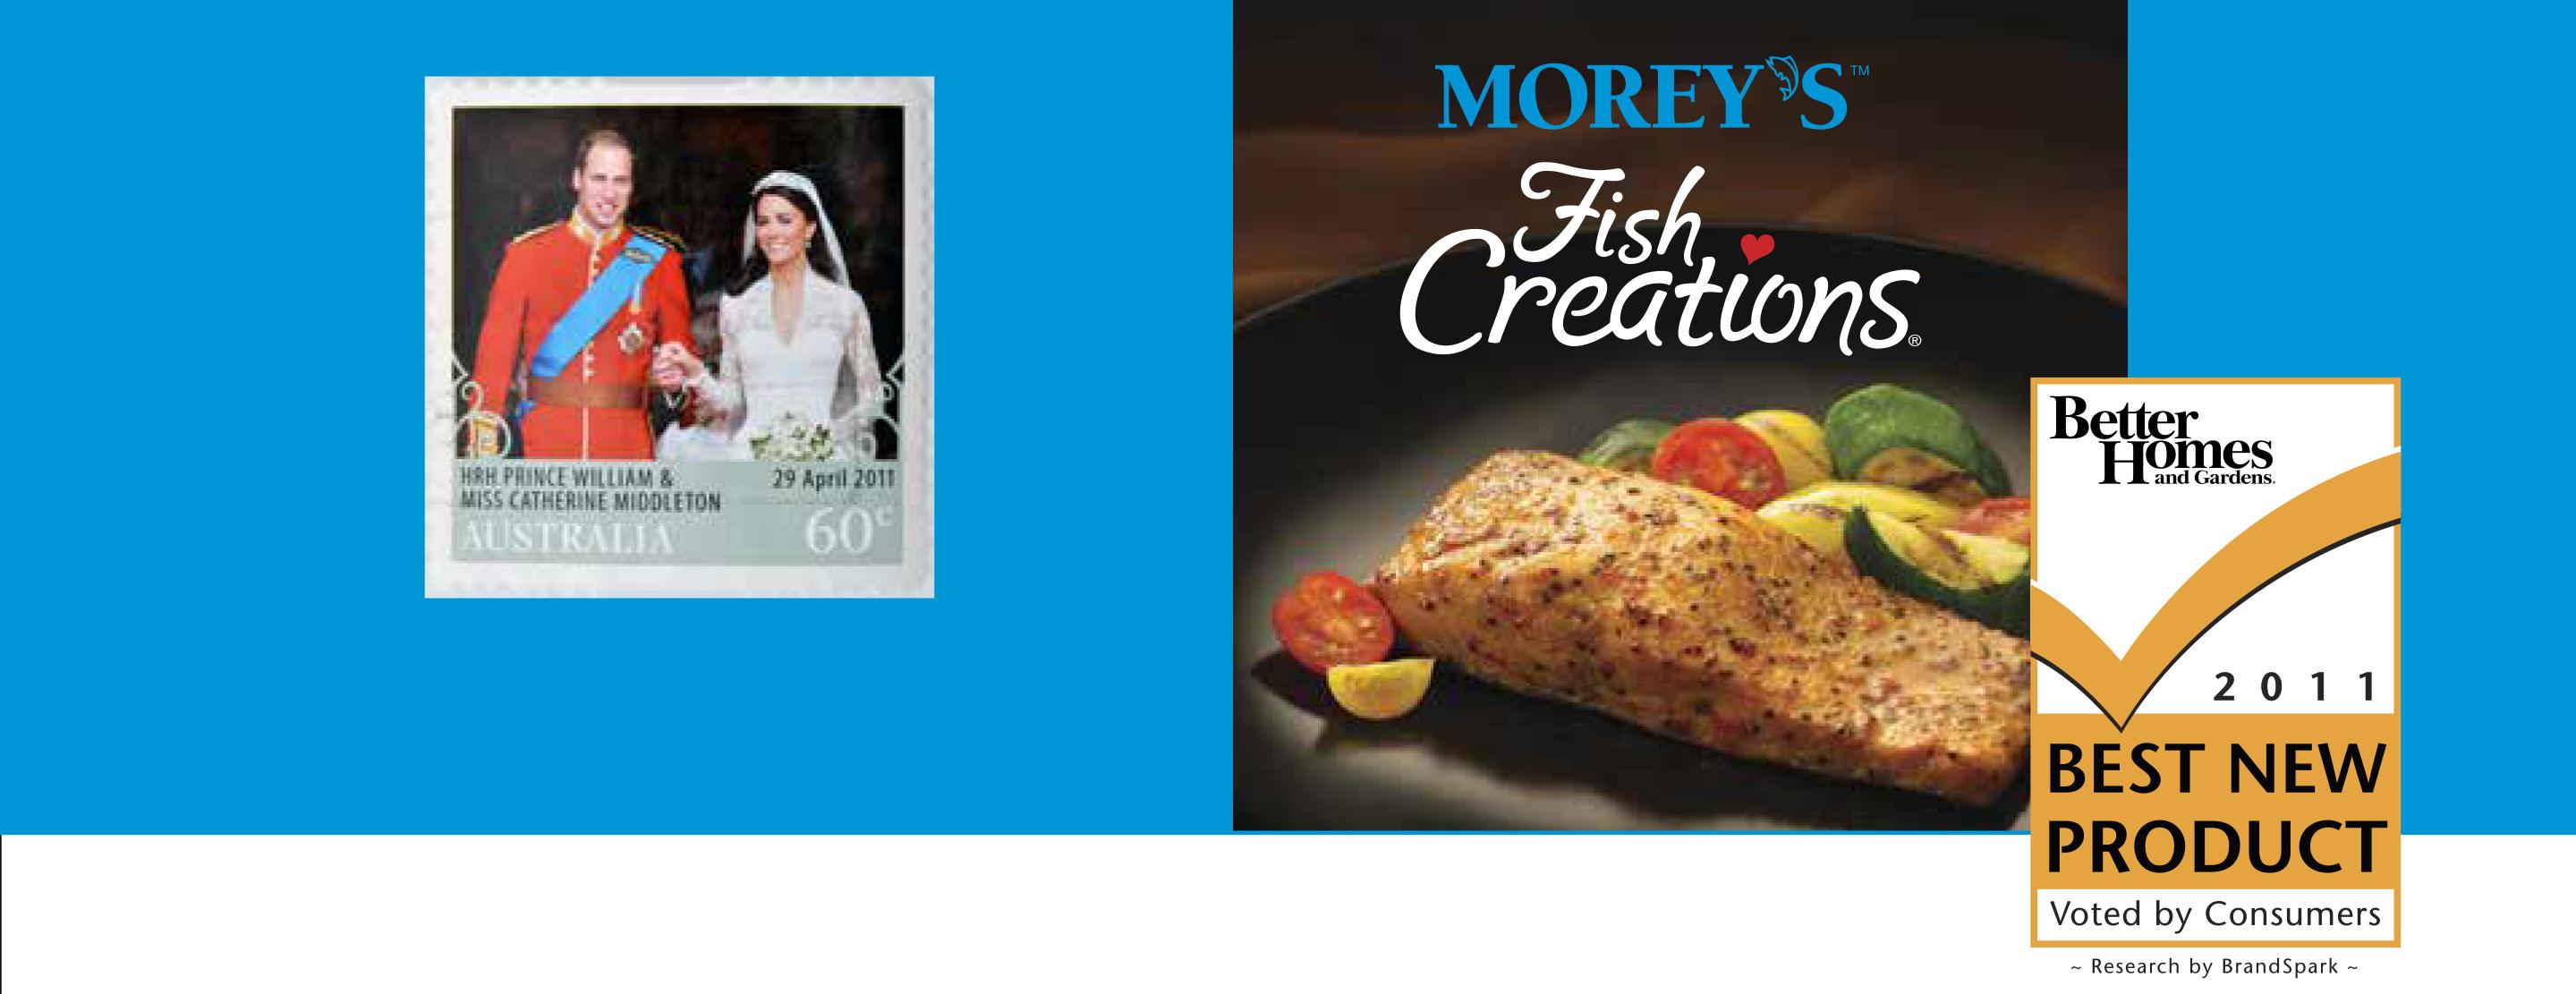 Moreys Timeline 2011